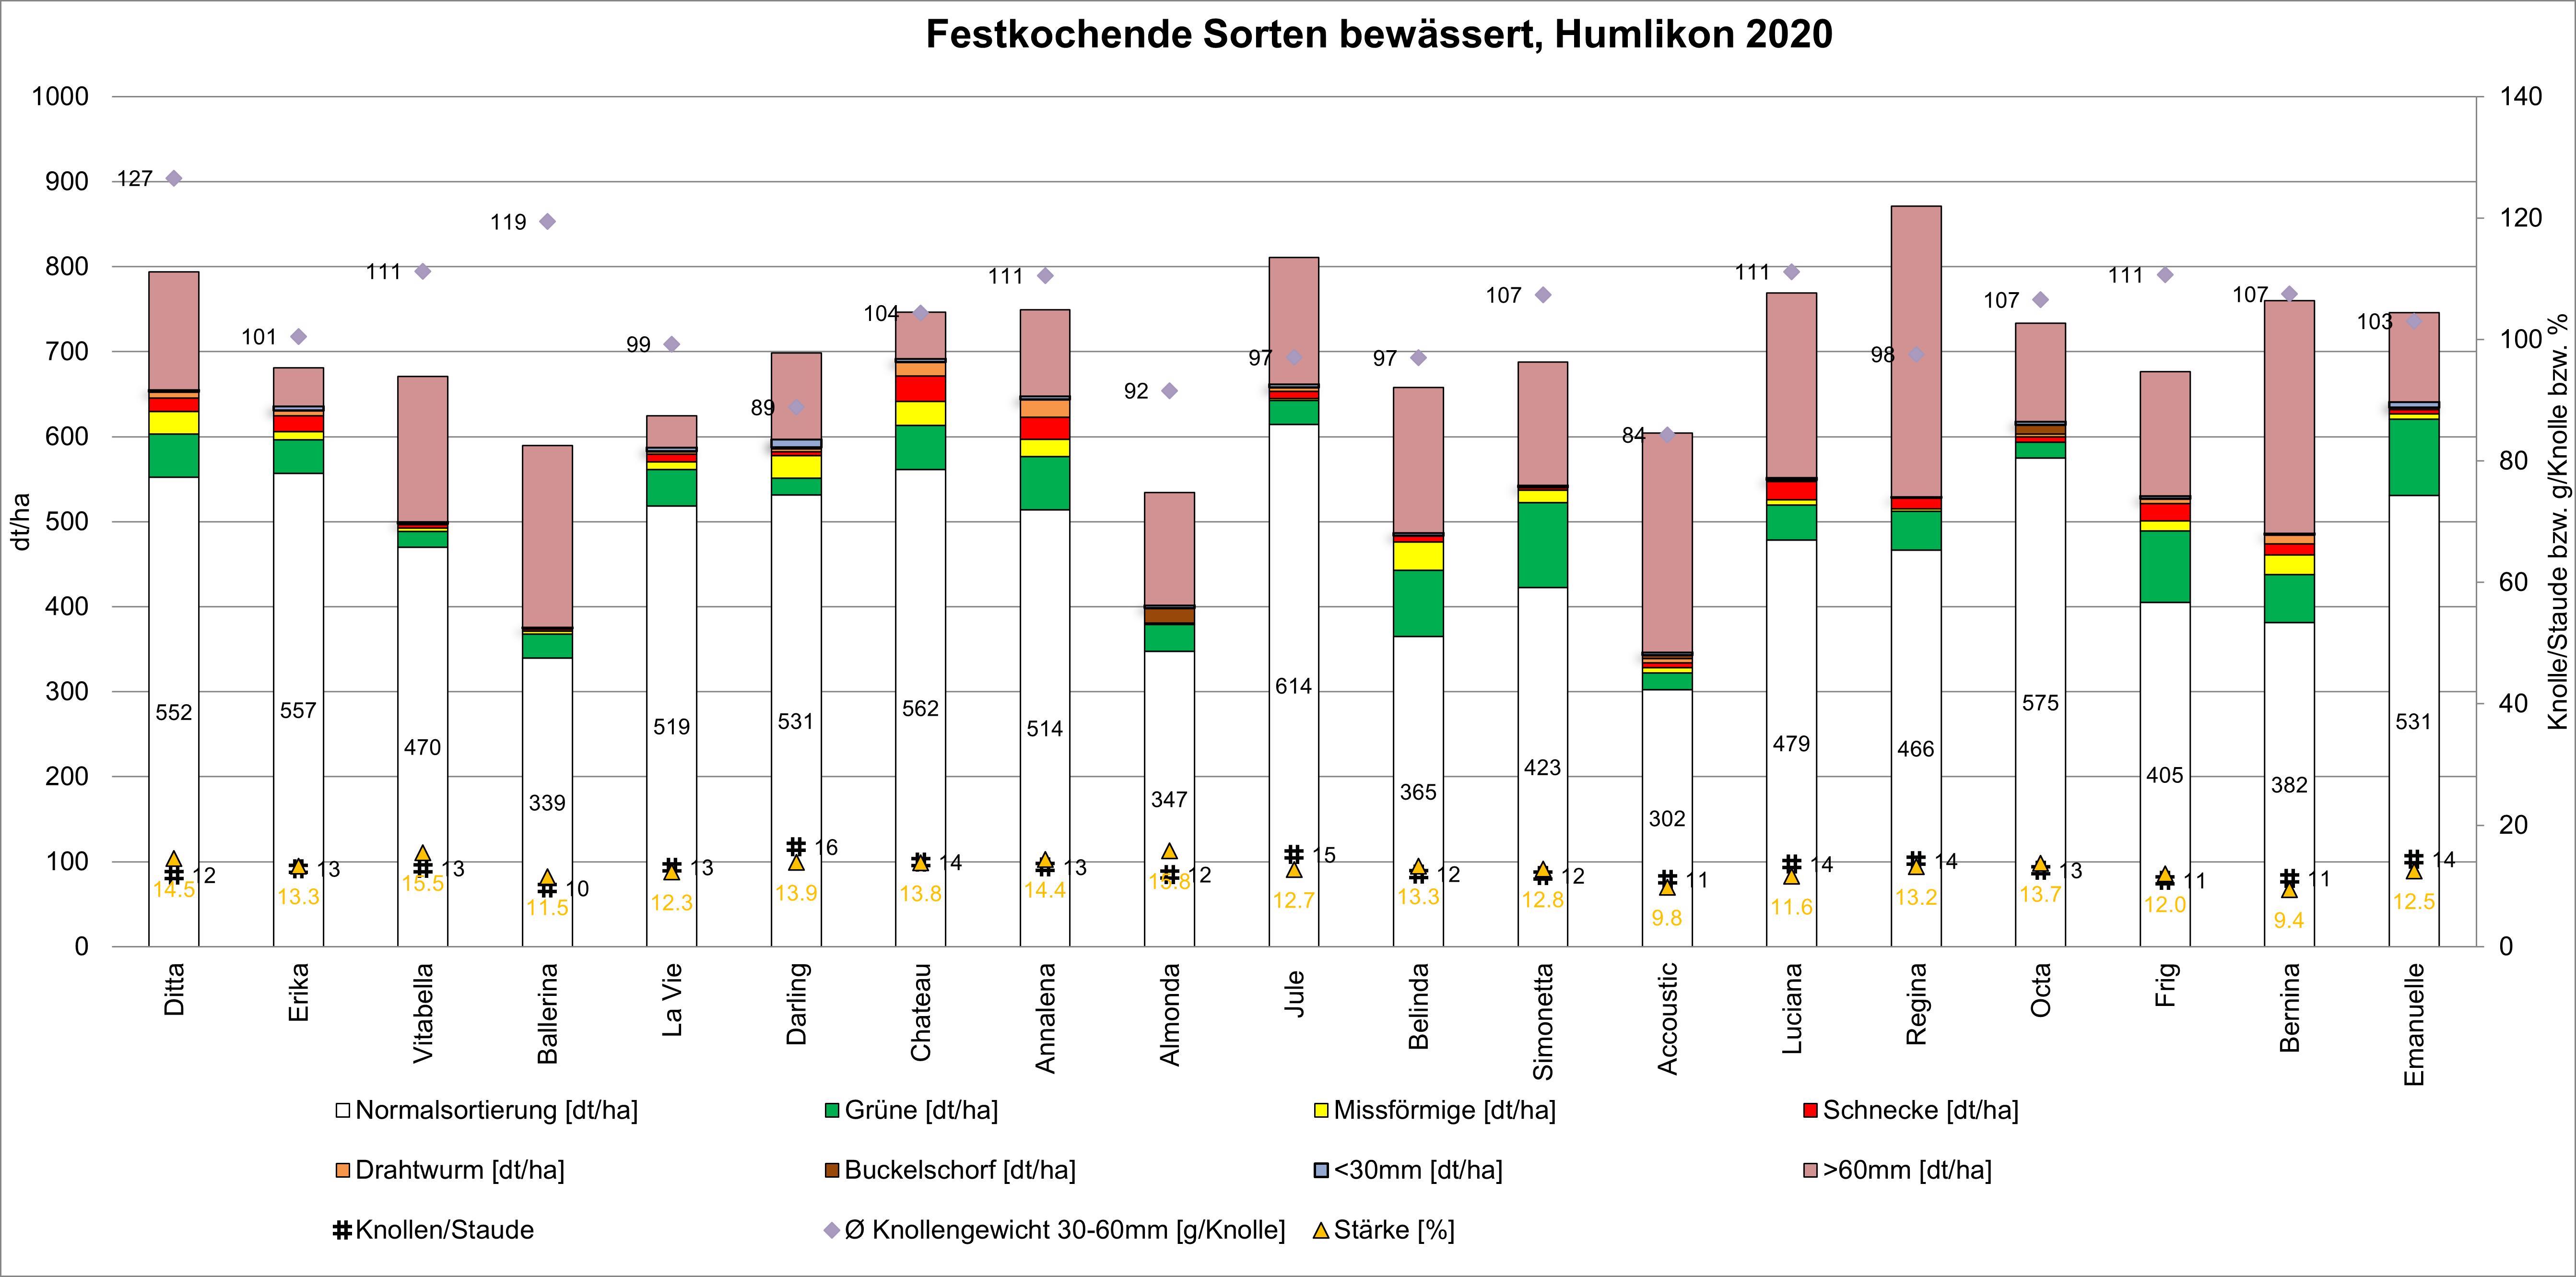 Grafik Erträge und Qualitäten festkochende Sorten, Kartoffelversuch Humlikon 2020